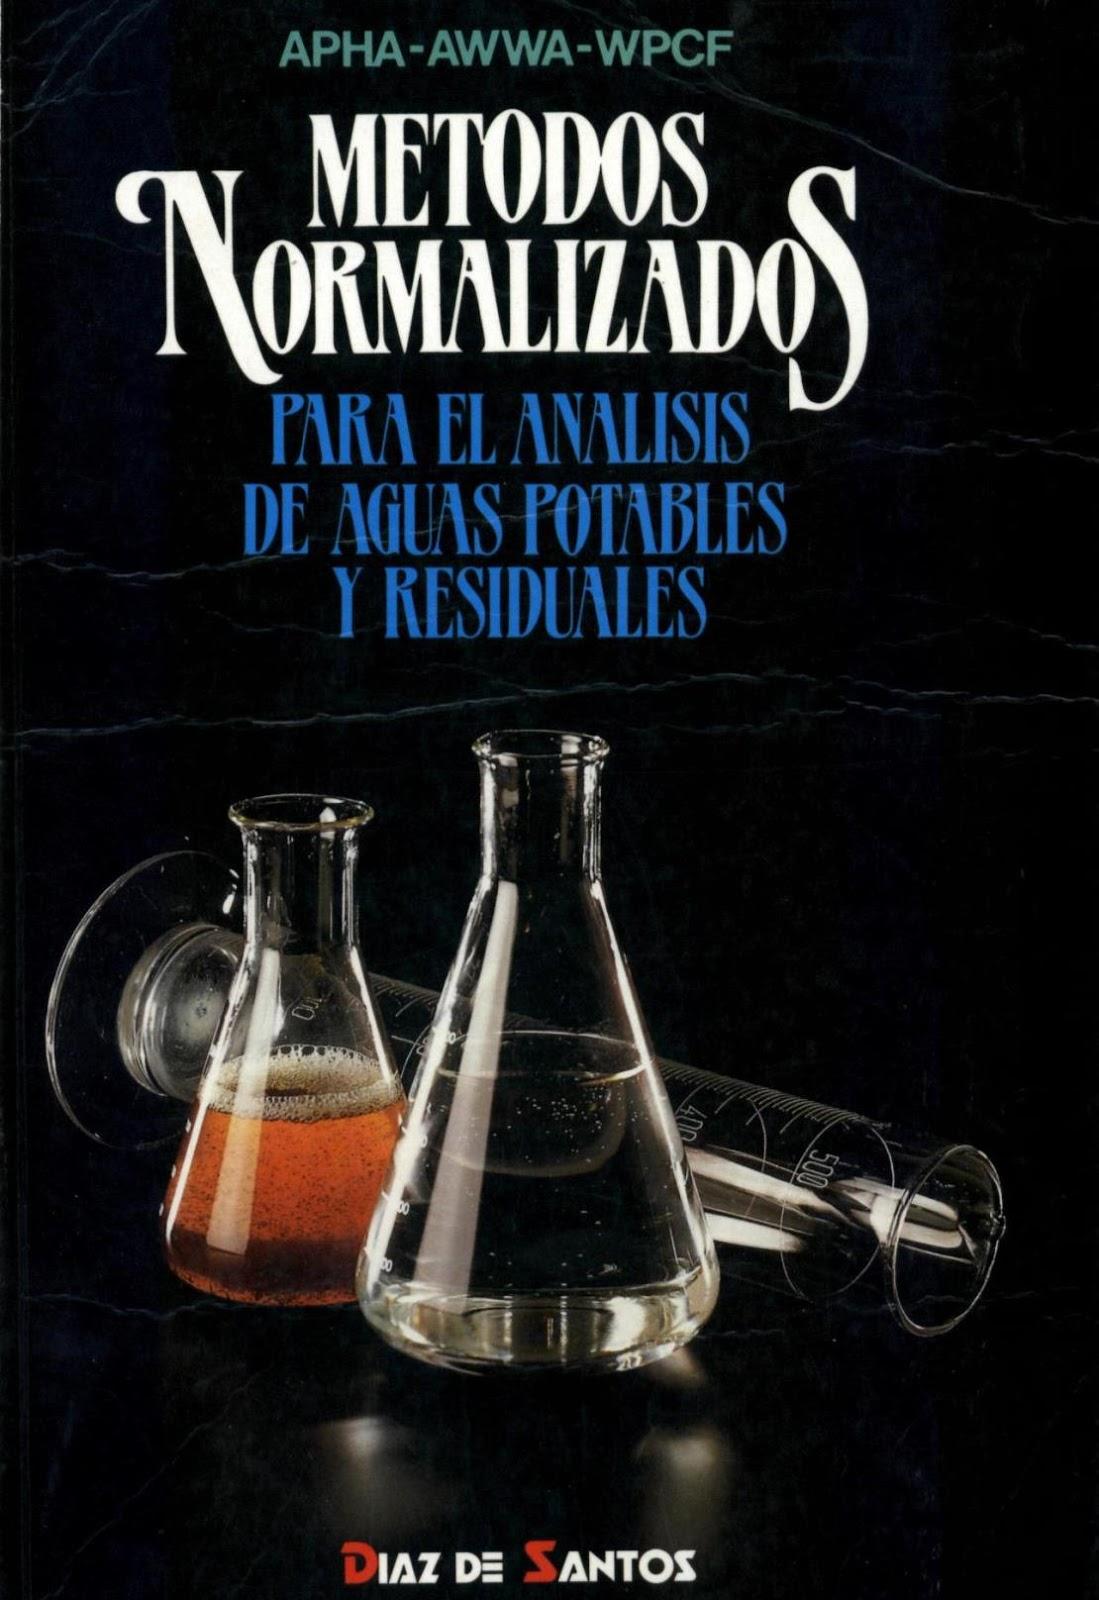 Métodos normalizados para el análisis de aguas potables y residuales